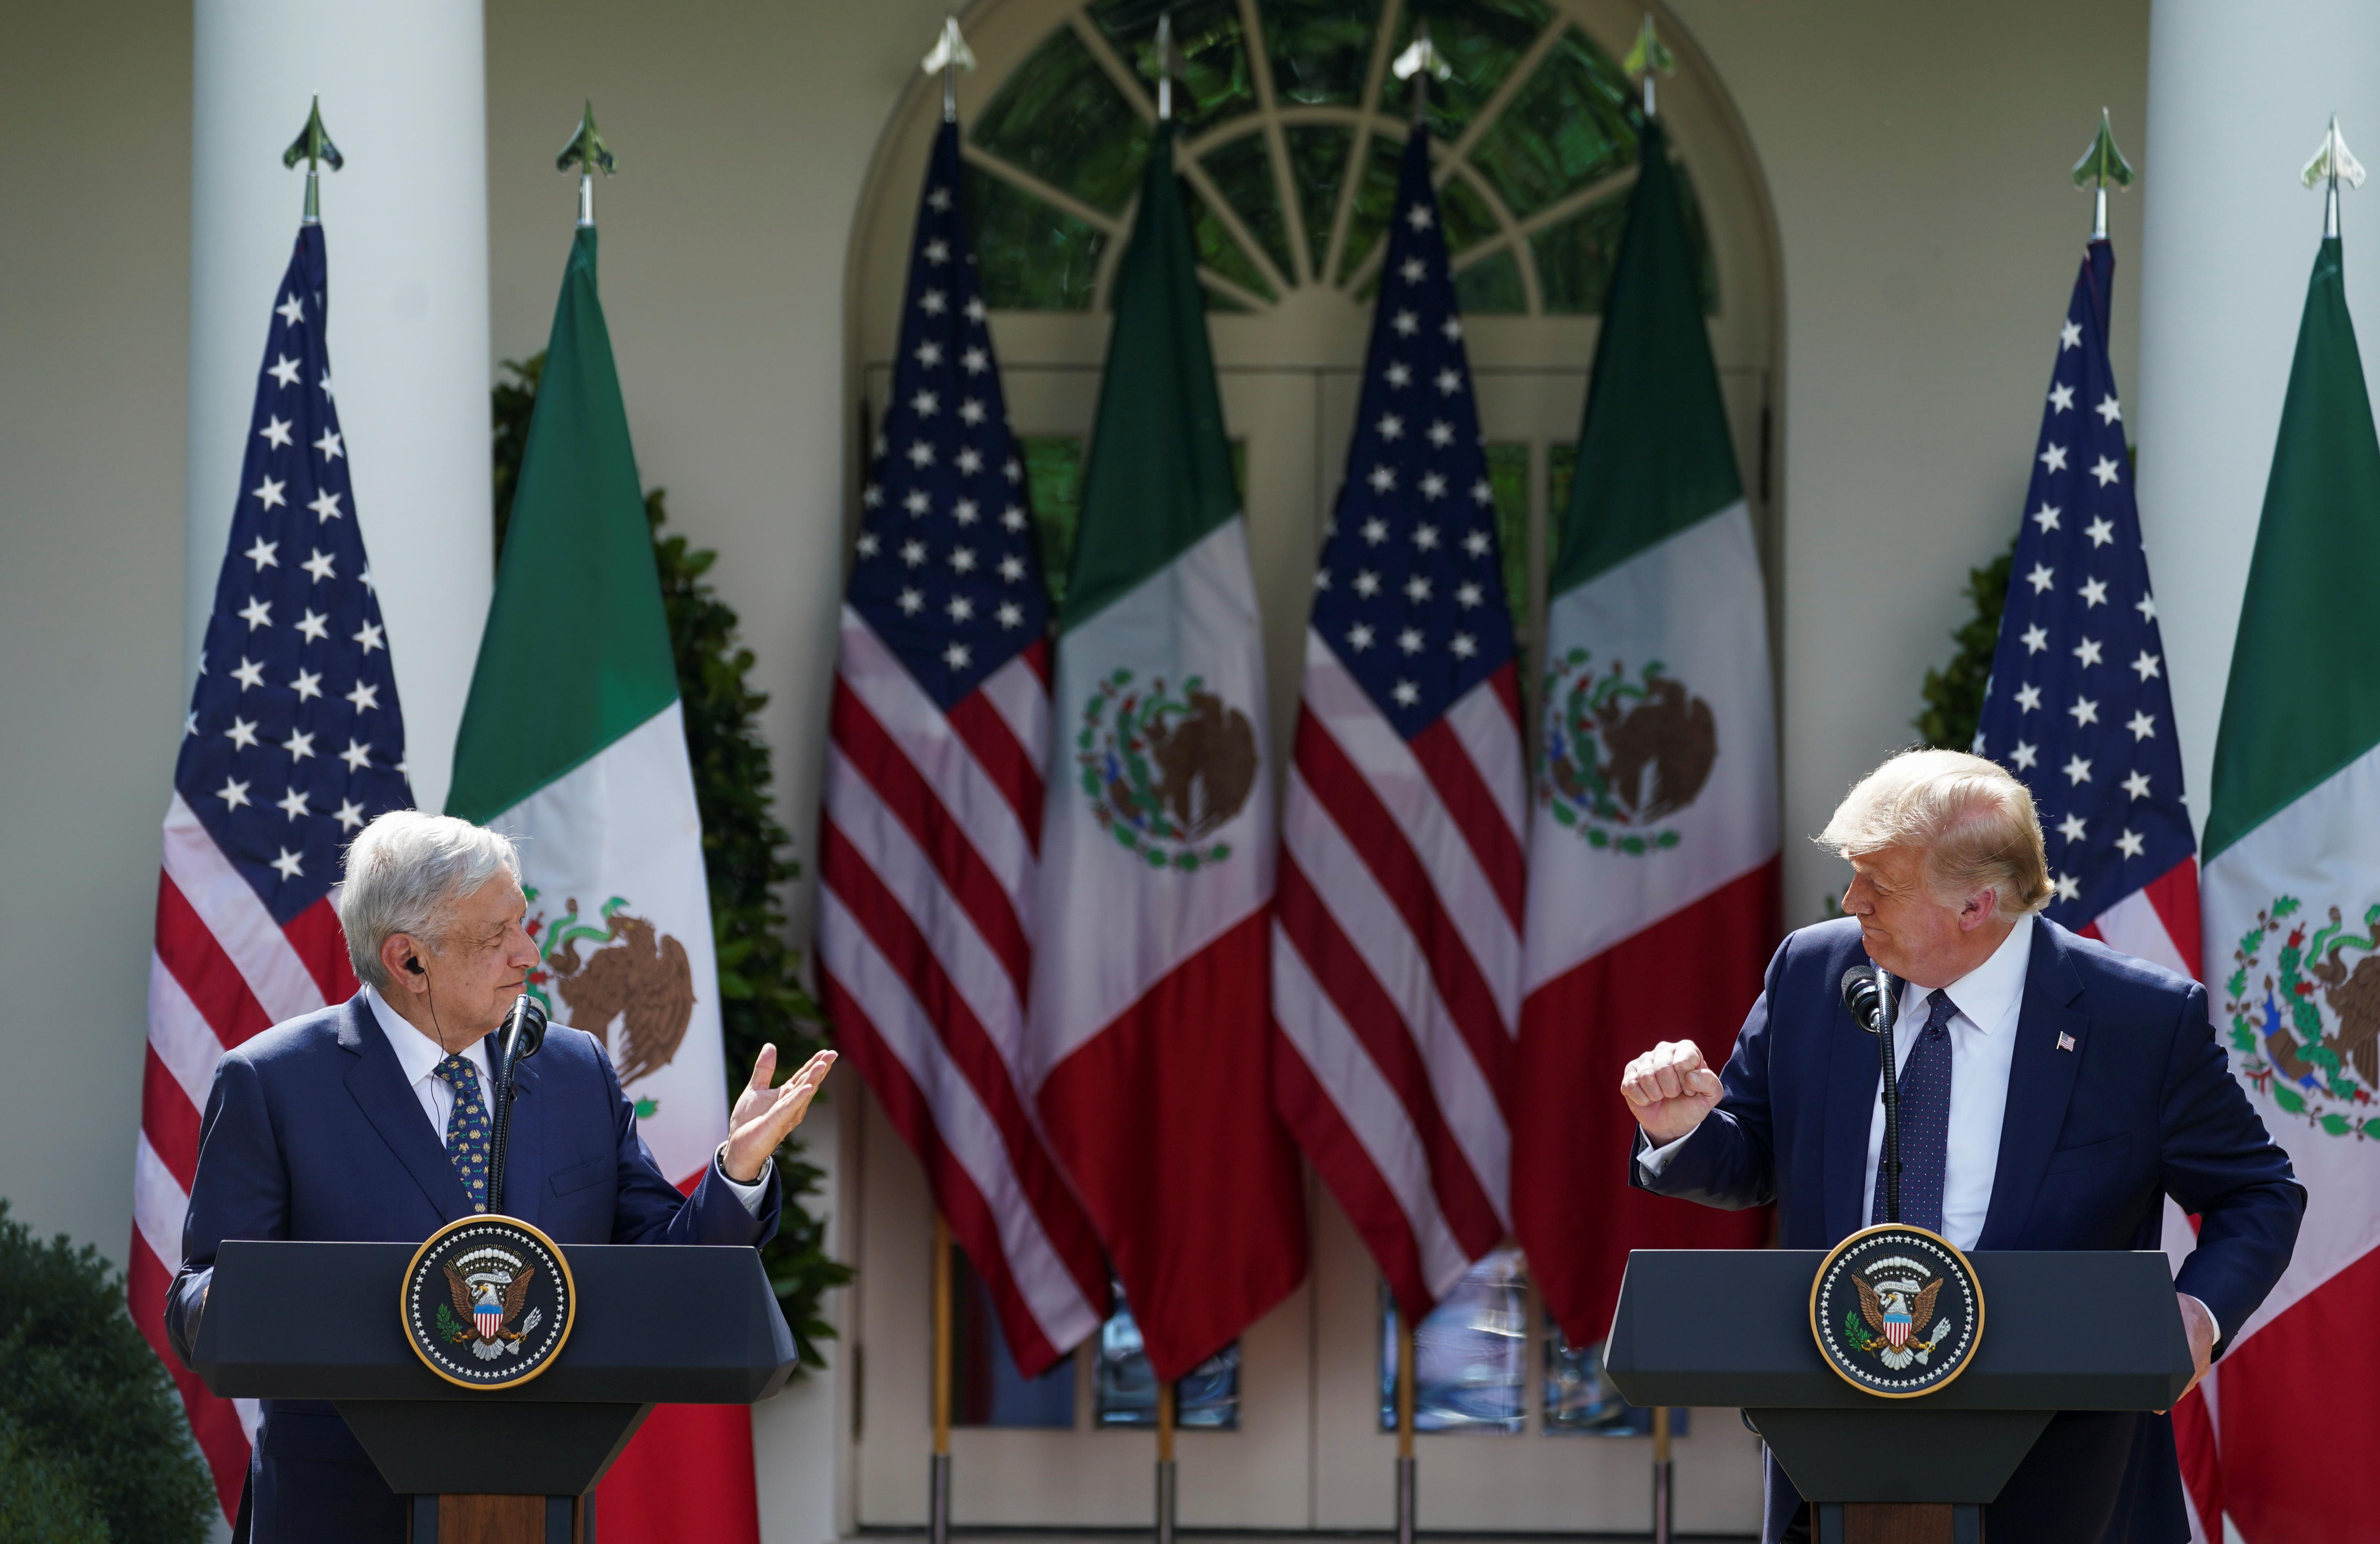 El presidente de Estados Unidos, Donald Trump, escucha al presidente de México, Andrés Manuel López Obrado, mientras los líderes emiten declaraciones individuales antes de firmar una declaración conjunta en el Jardín de las Rosas en la Casa Blanca en Washington, EE. UU., 8 de julio de 2020. (Foto: REUTERS / Kevin Lamarque)